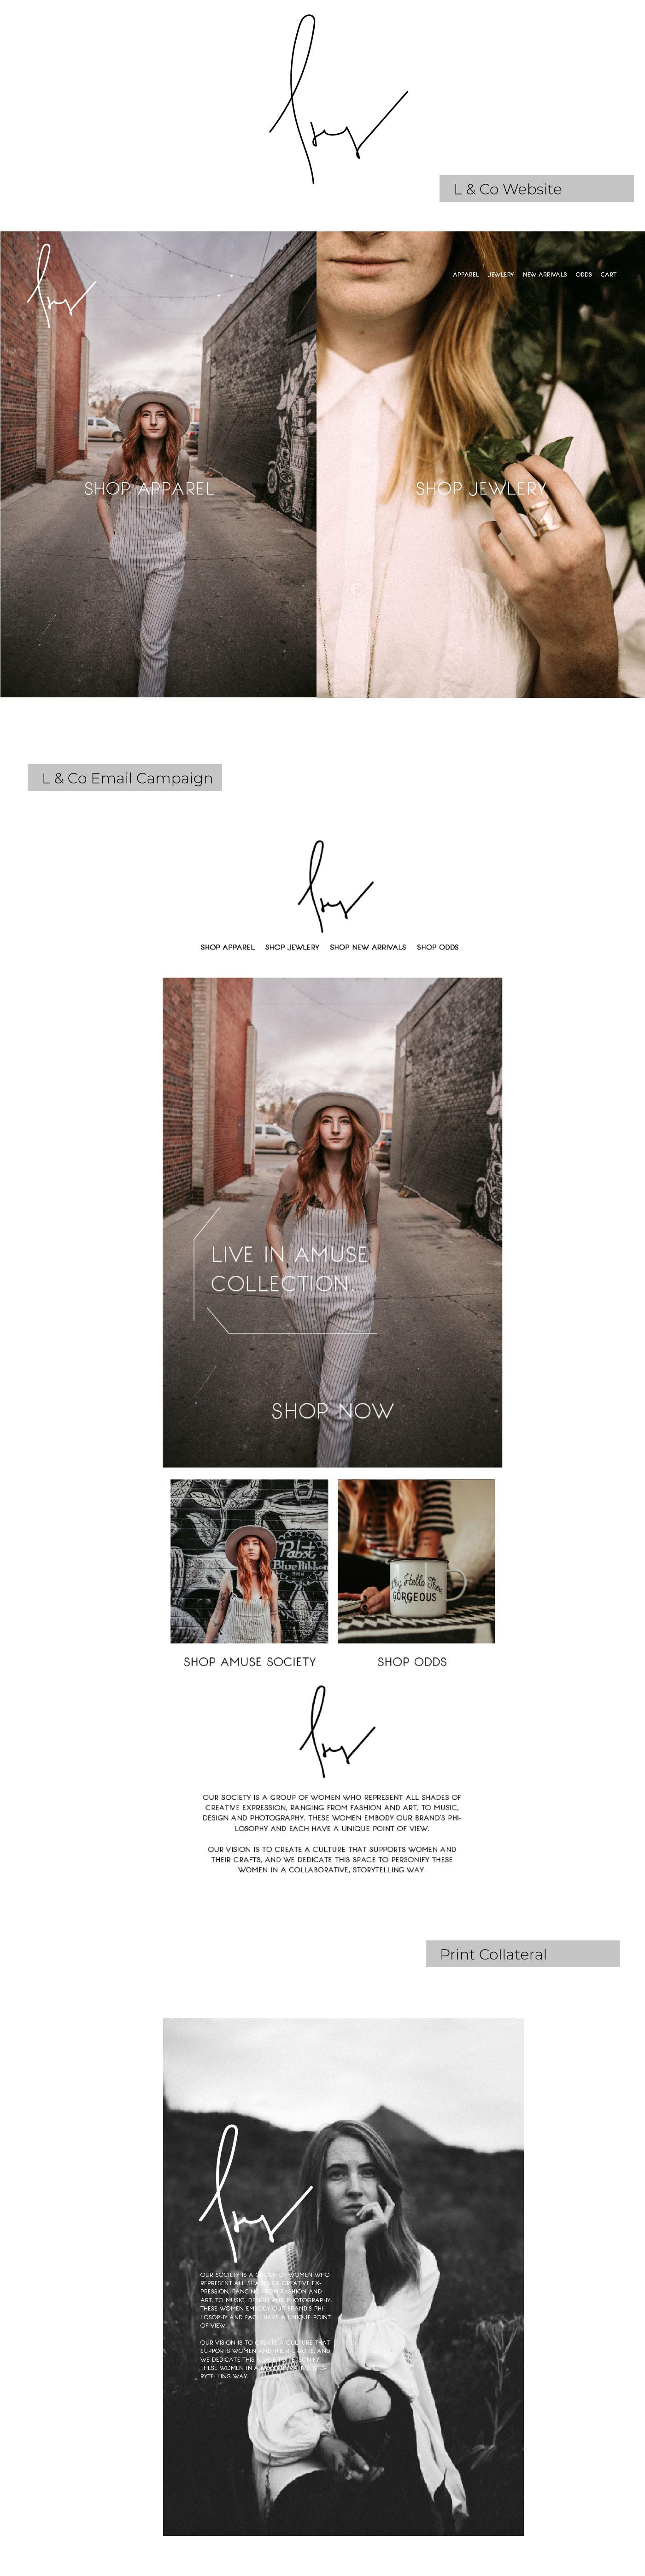 L_Co_Lookbook.jpg